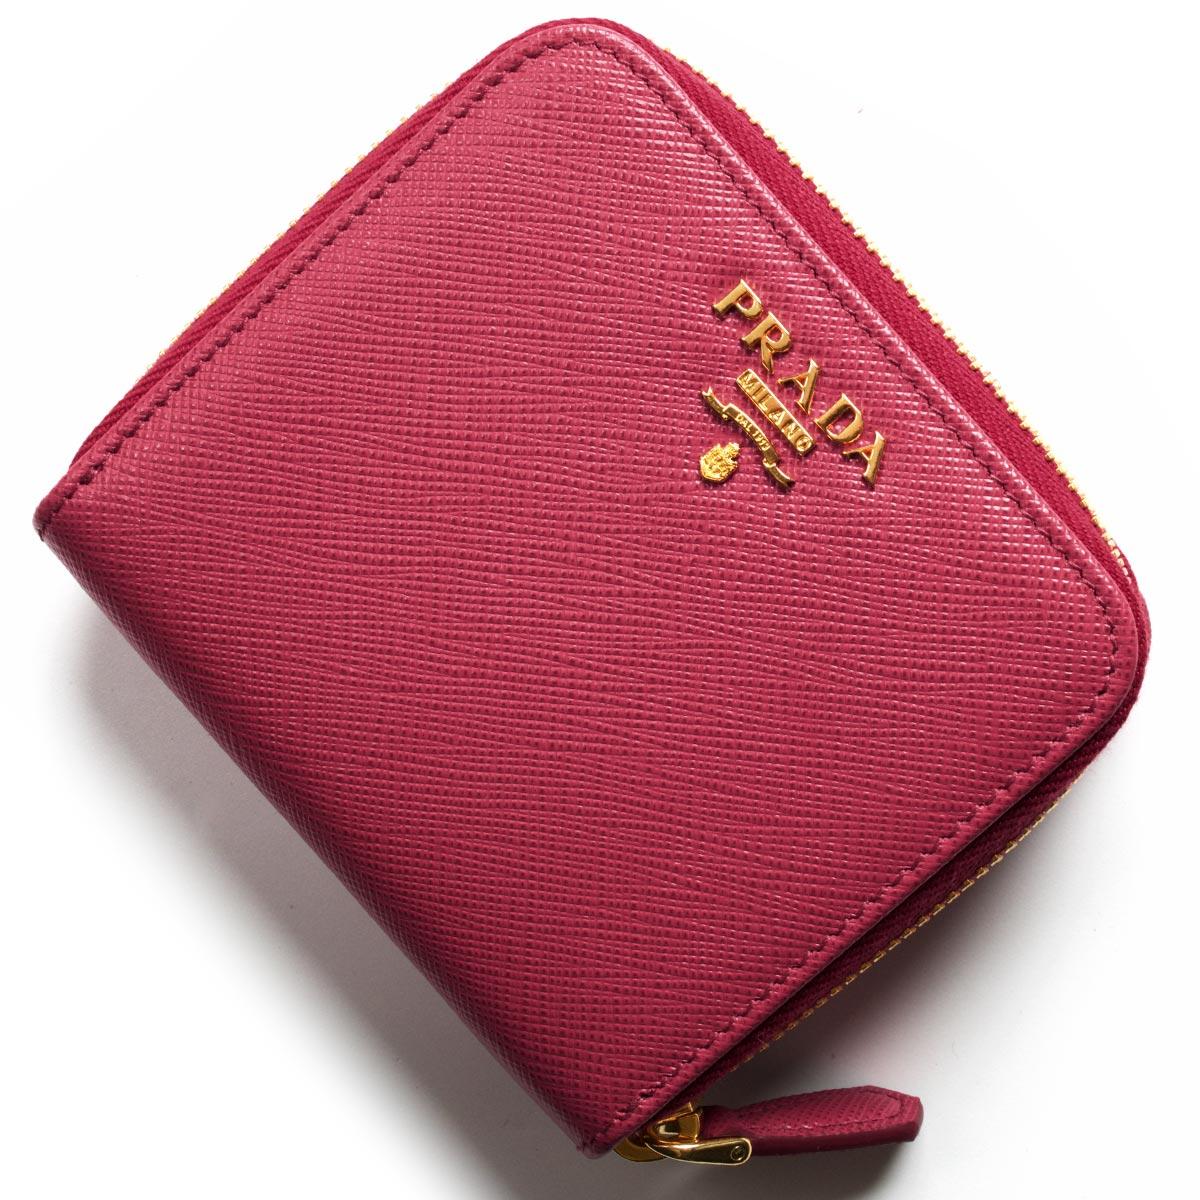 プラダ 二つ折り財布 財布 レディース サフィアーノ メタル ペオニアピンク 1ML522 QWA F0505 PRADA